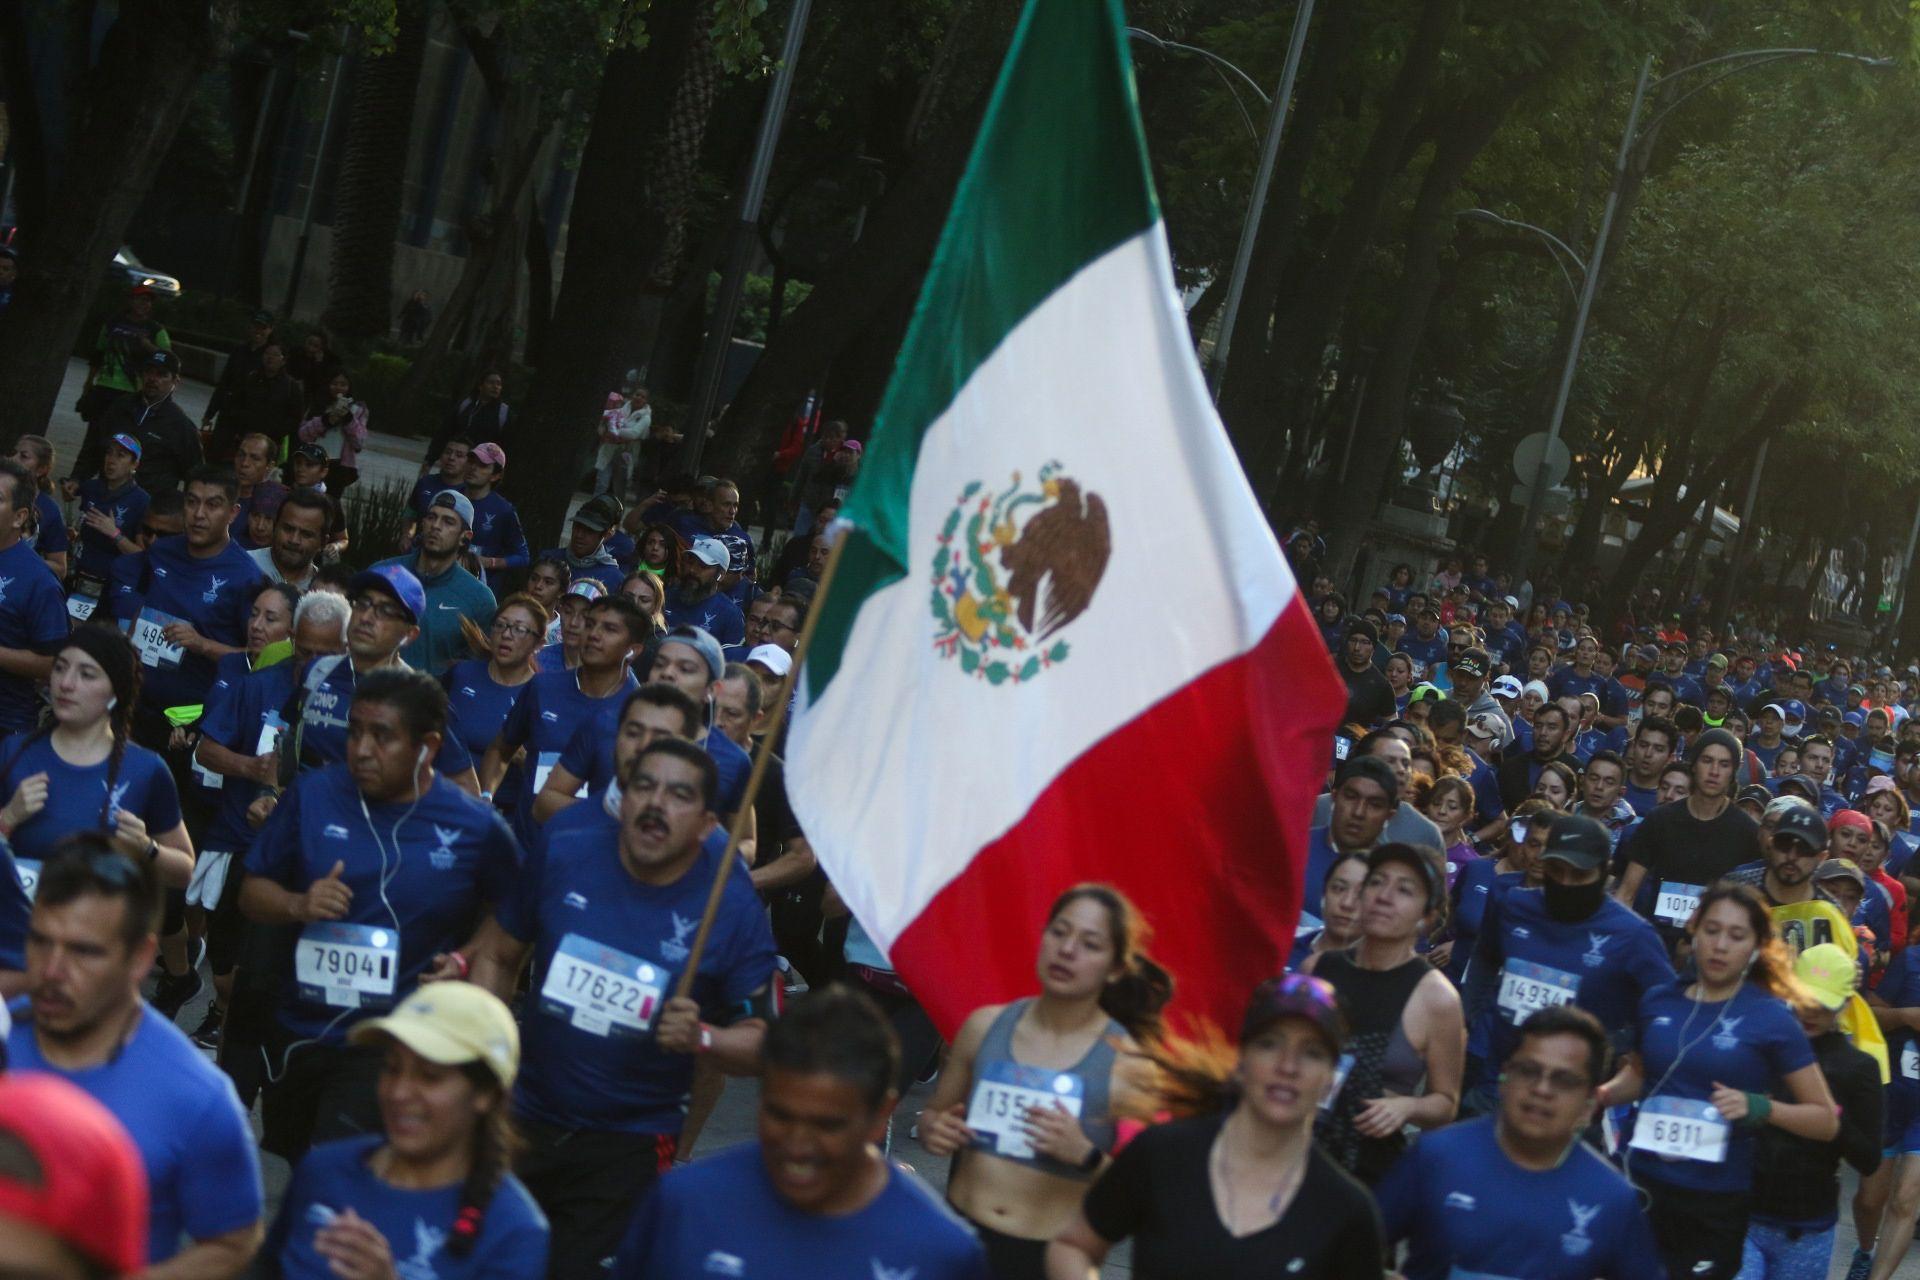 El evento contará con al menos 25.000 corredores (Foto: Instituto del Deporte de la Ciudad de México)